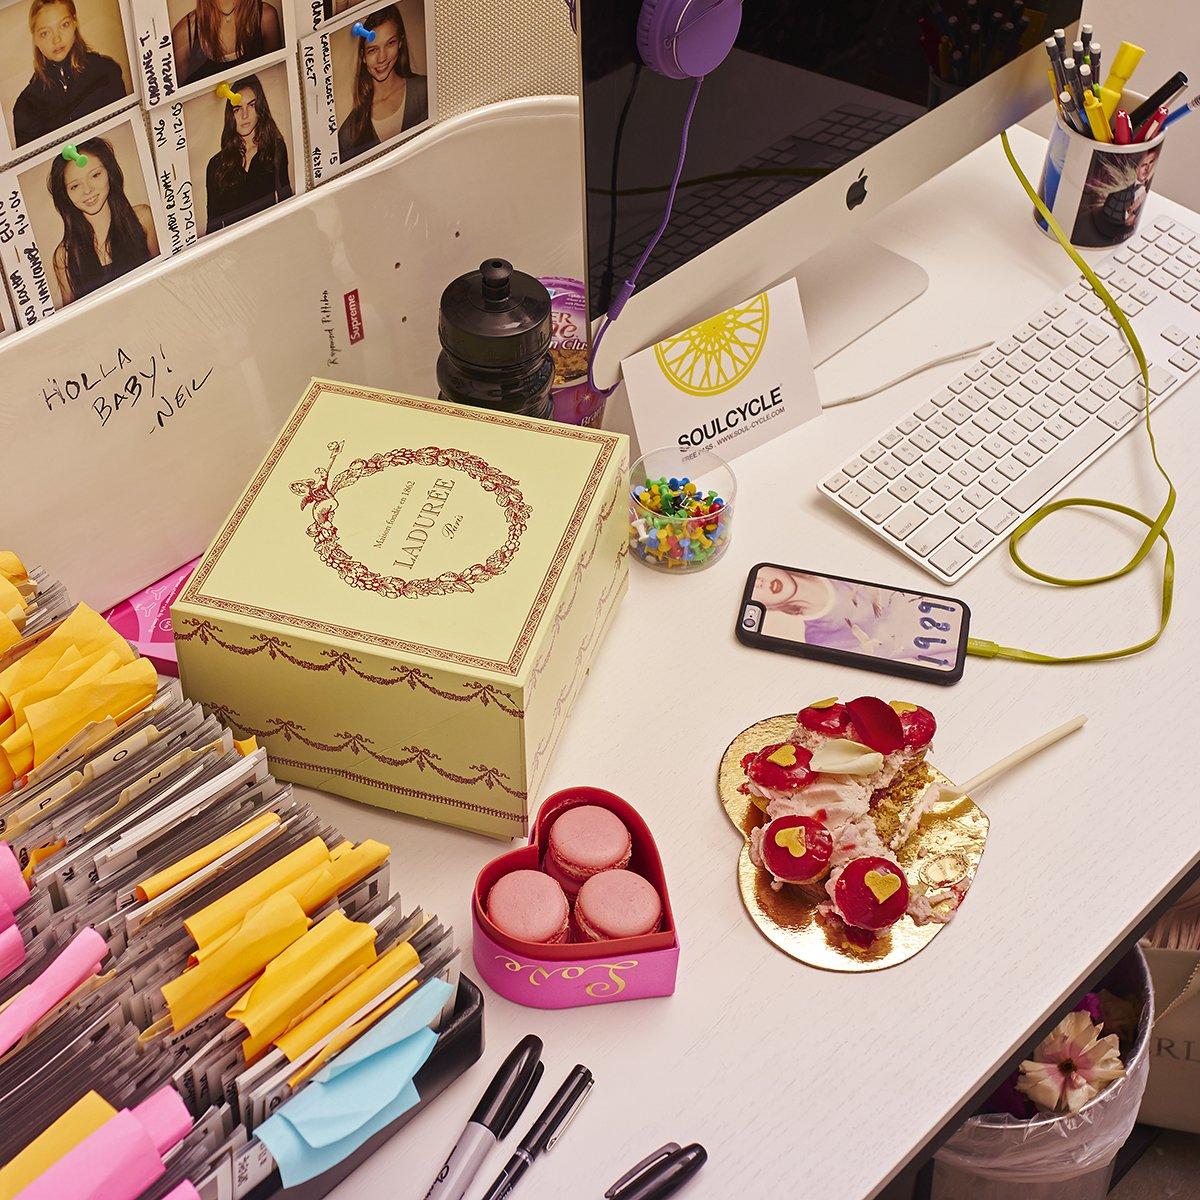 01-valentines-day-desks